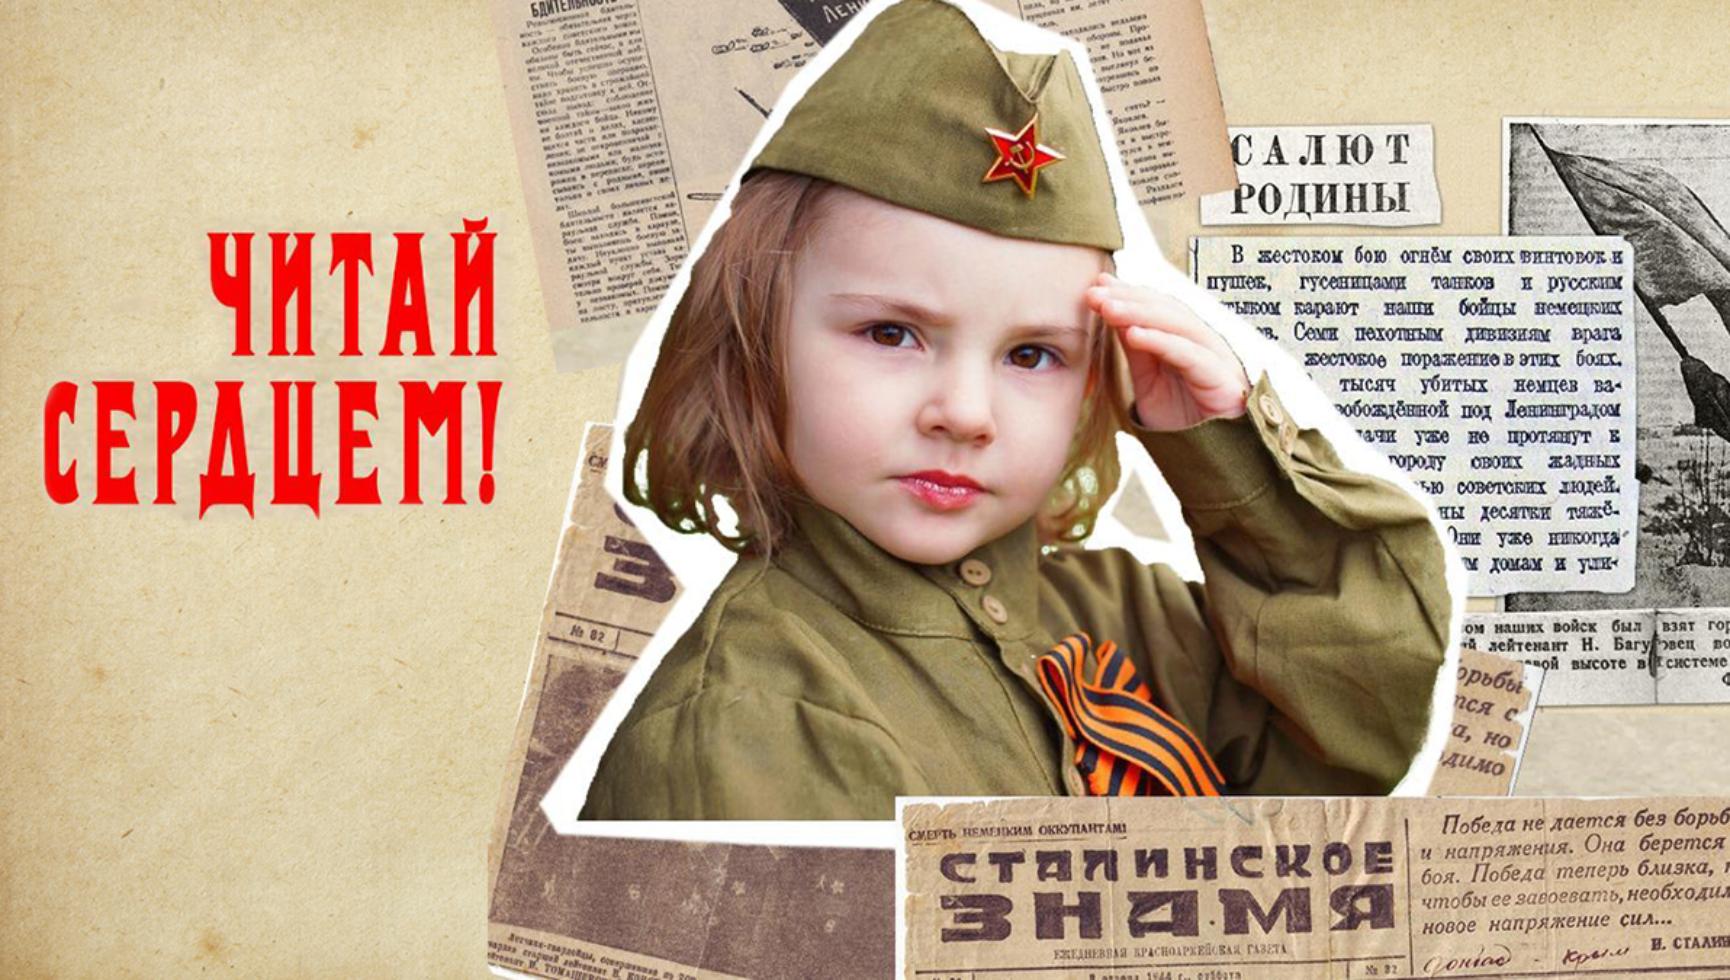 Приглашаем самых юных туляков к участию в онлайн-акции чтецов #ЧитайСердцем